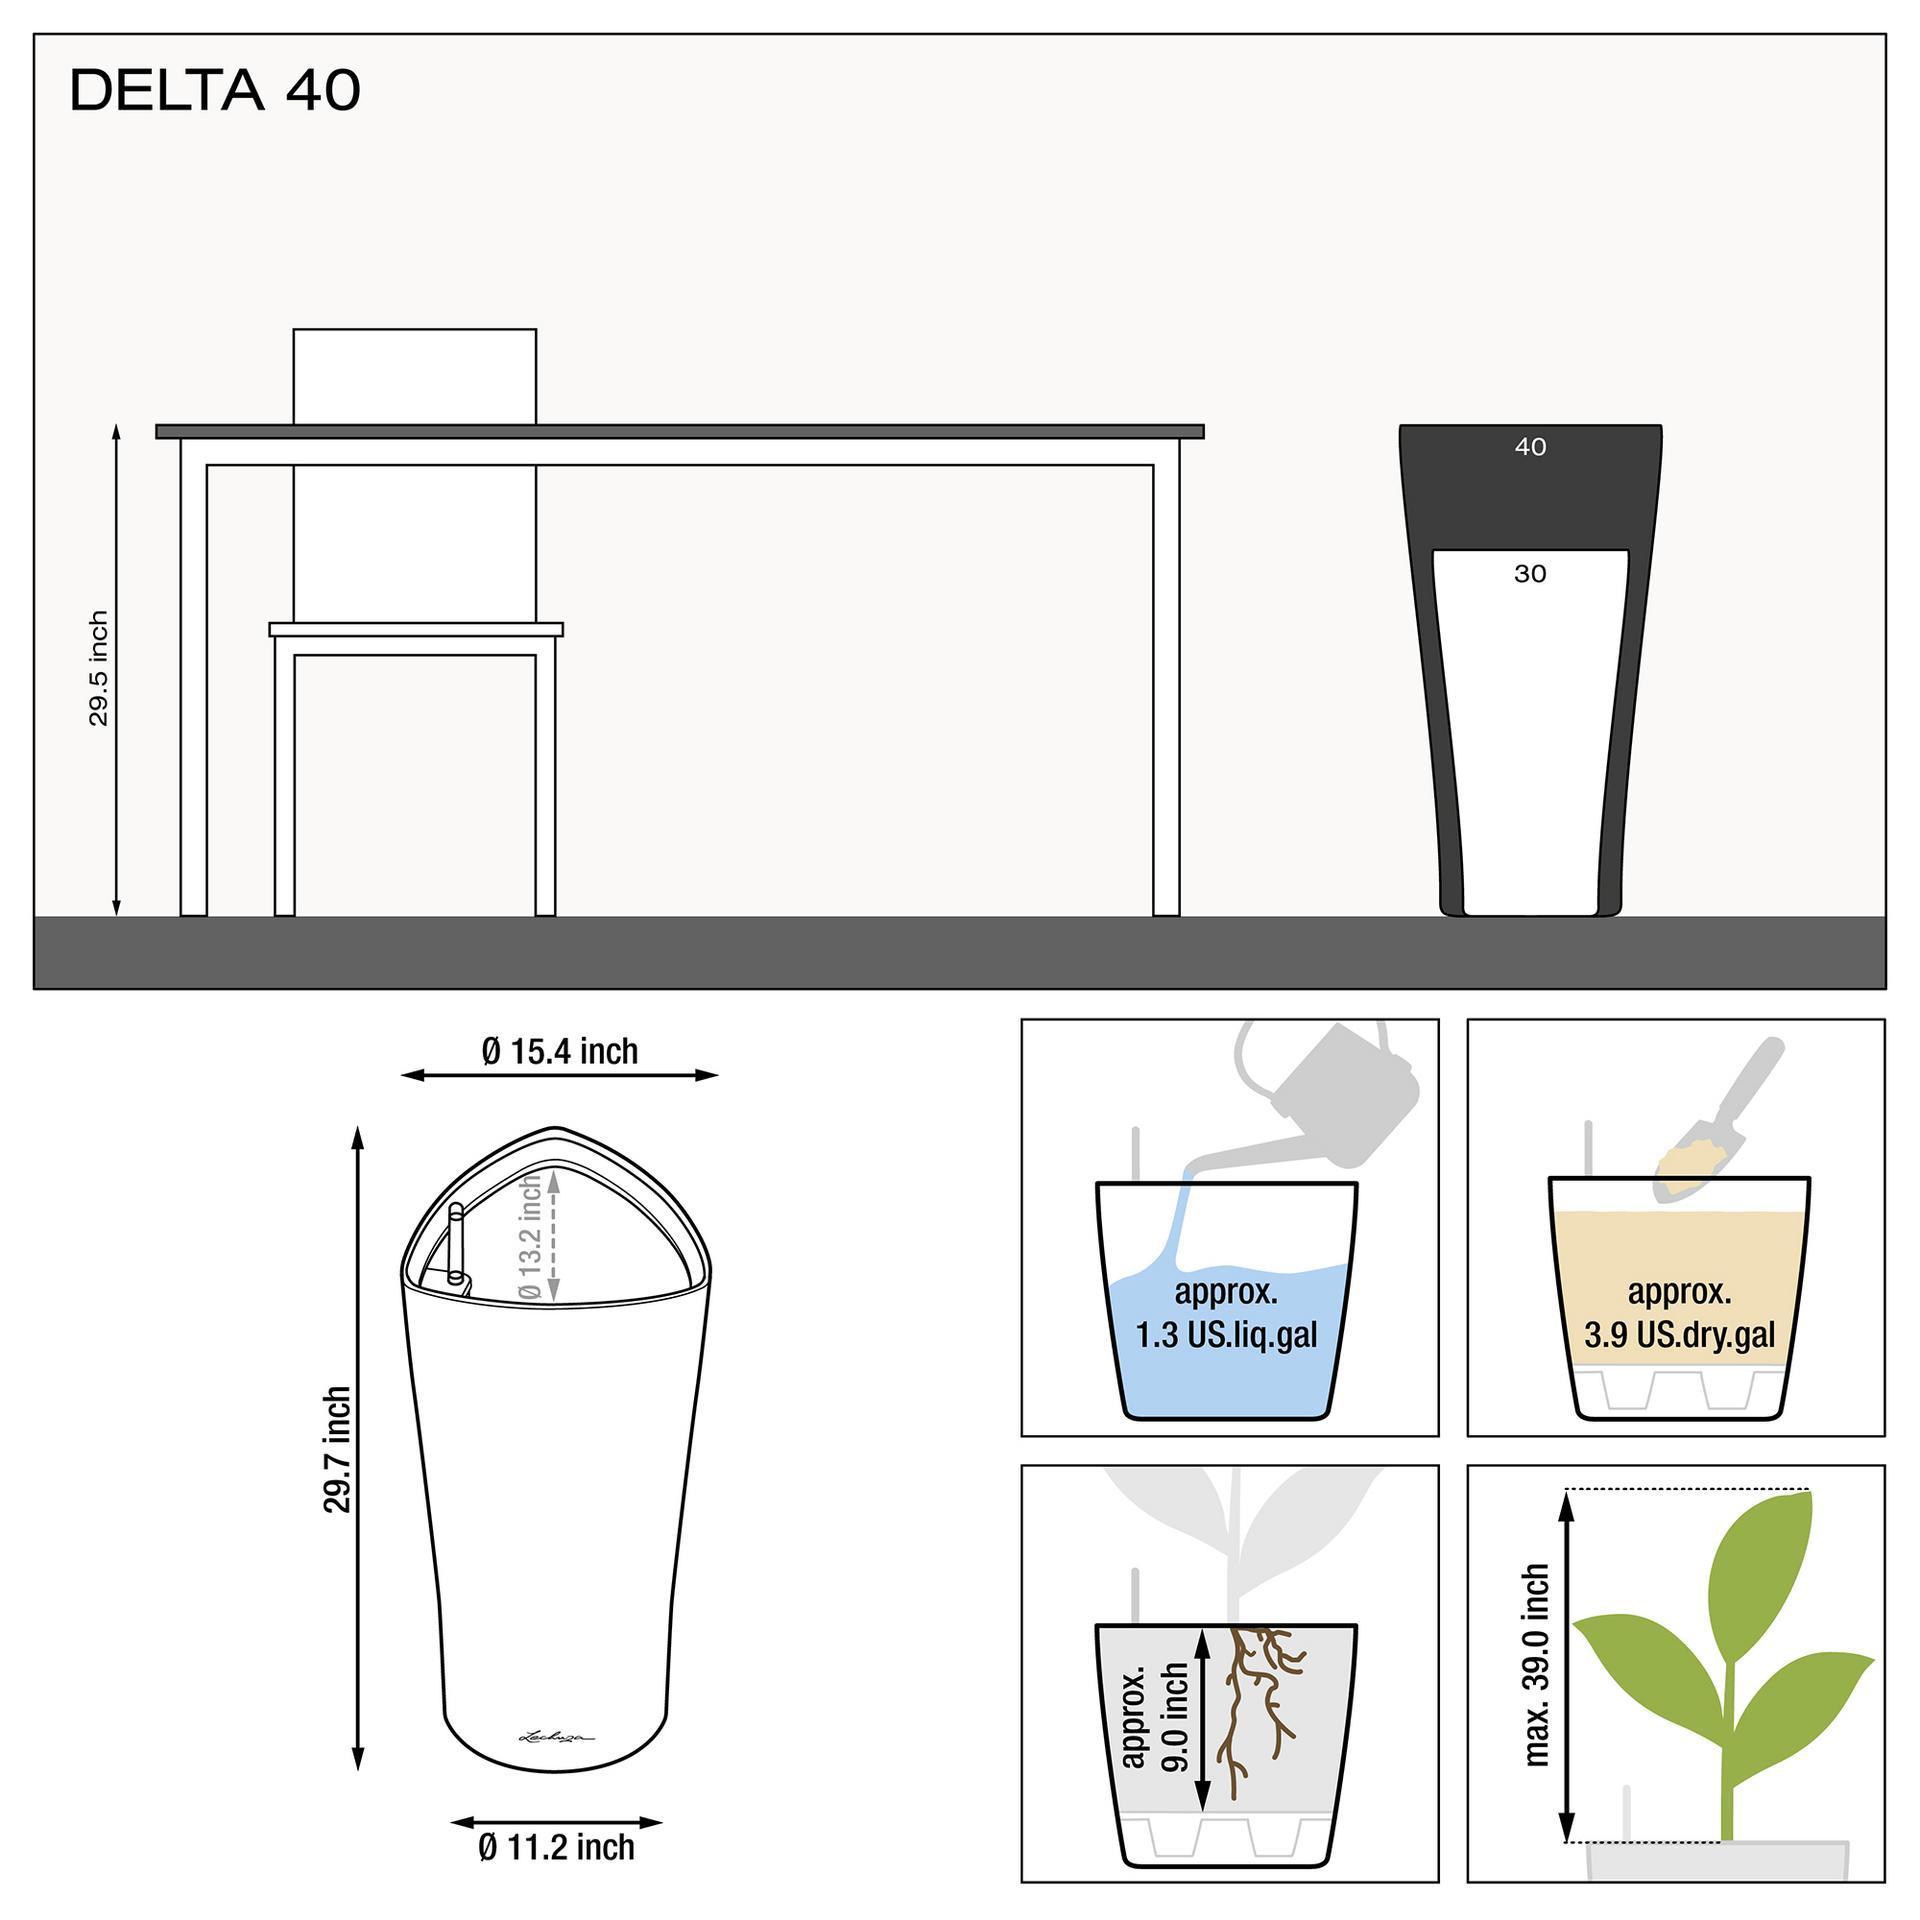 le_delta40_product_addi_nz_us